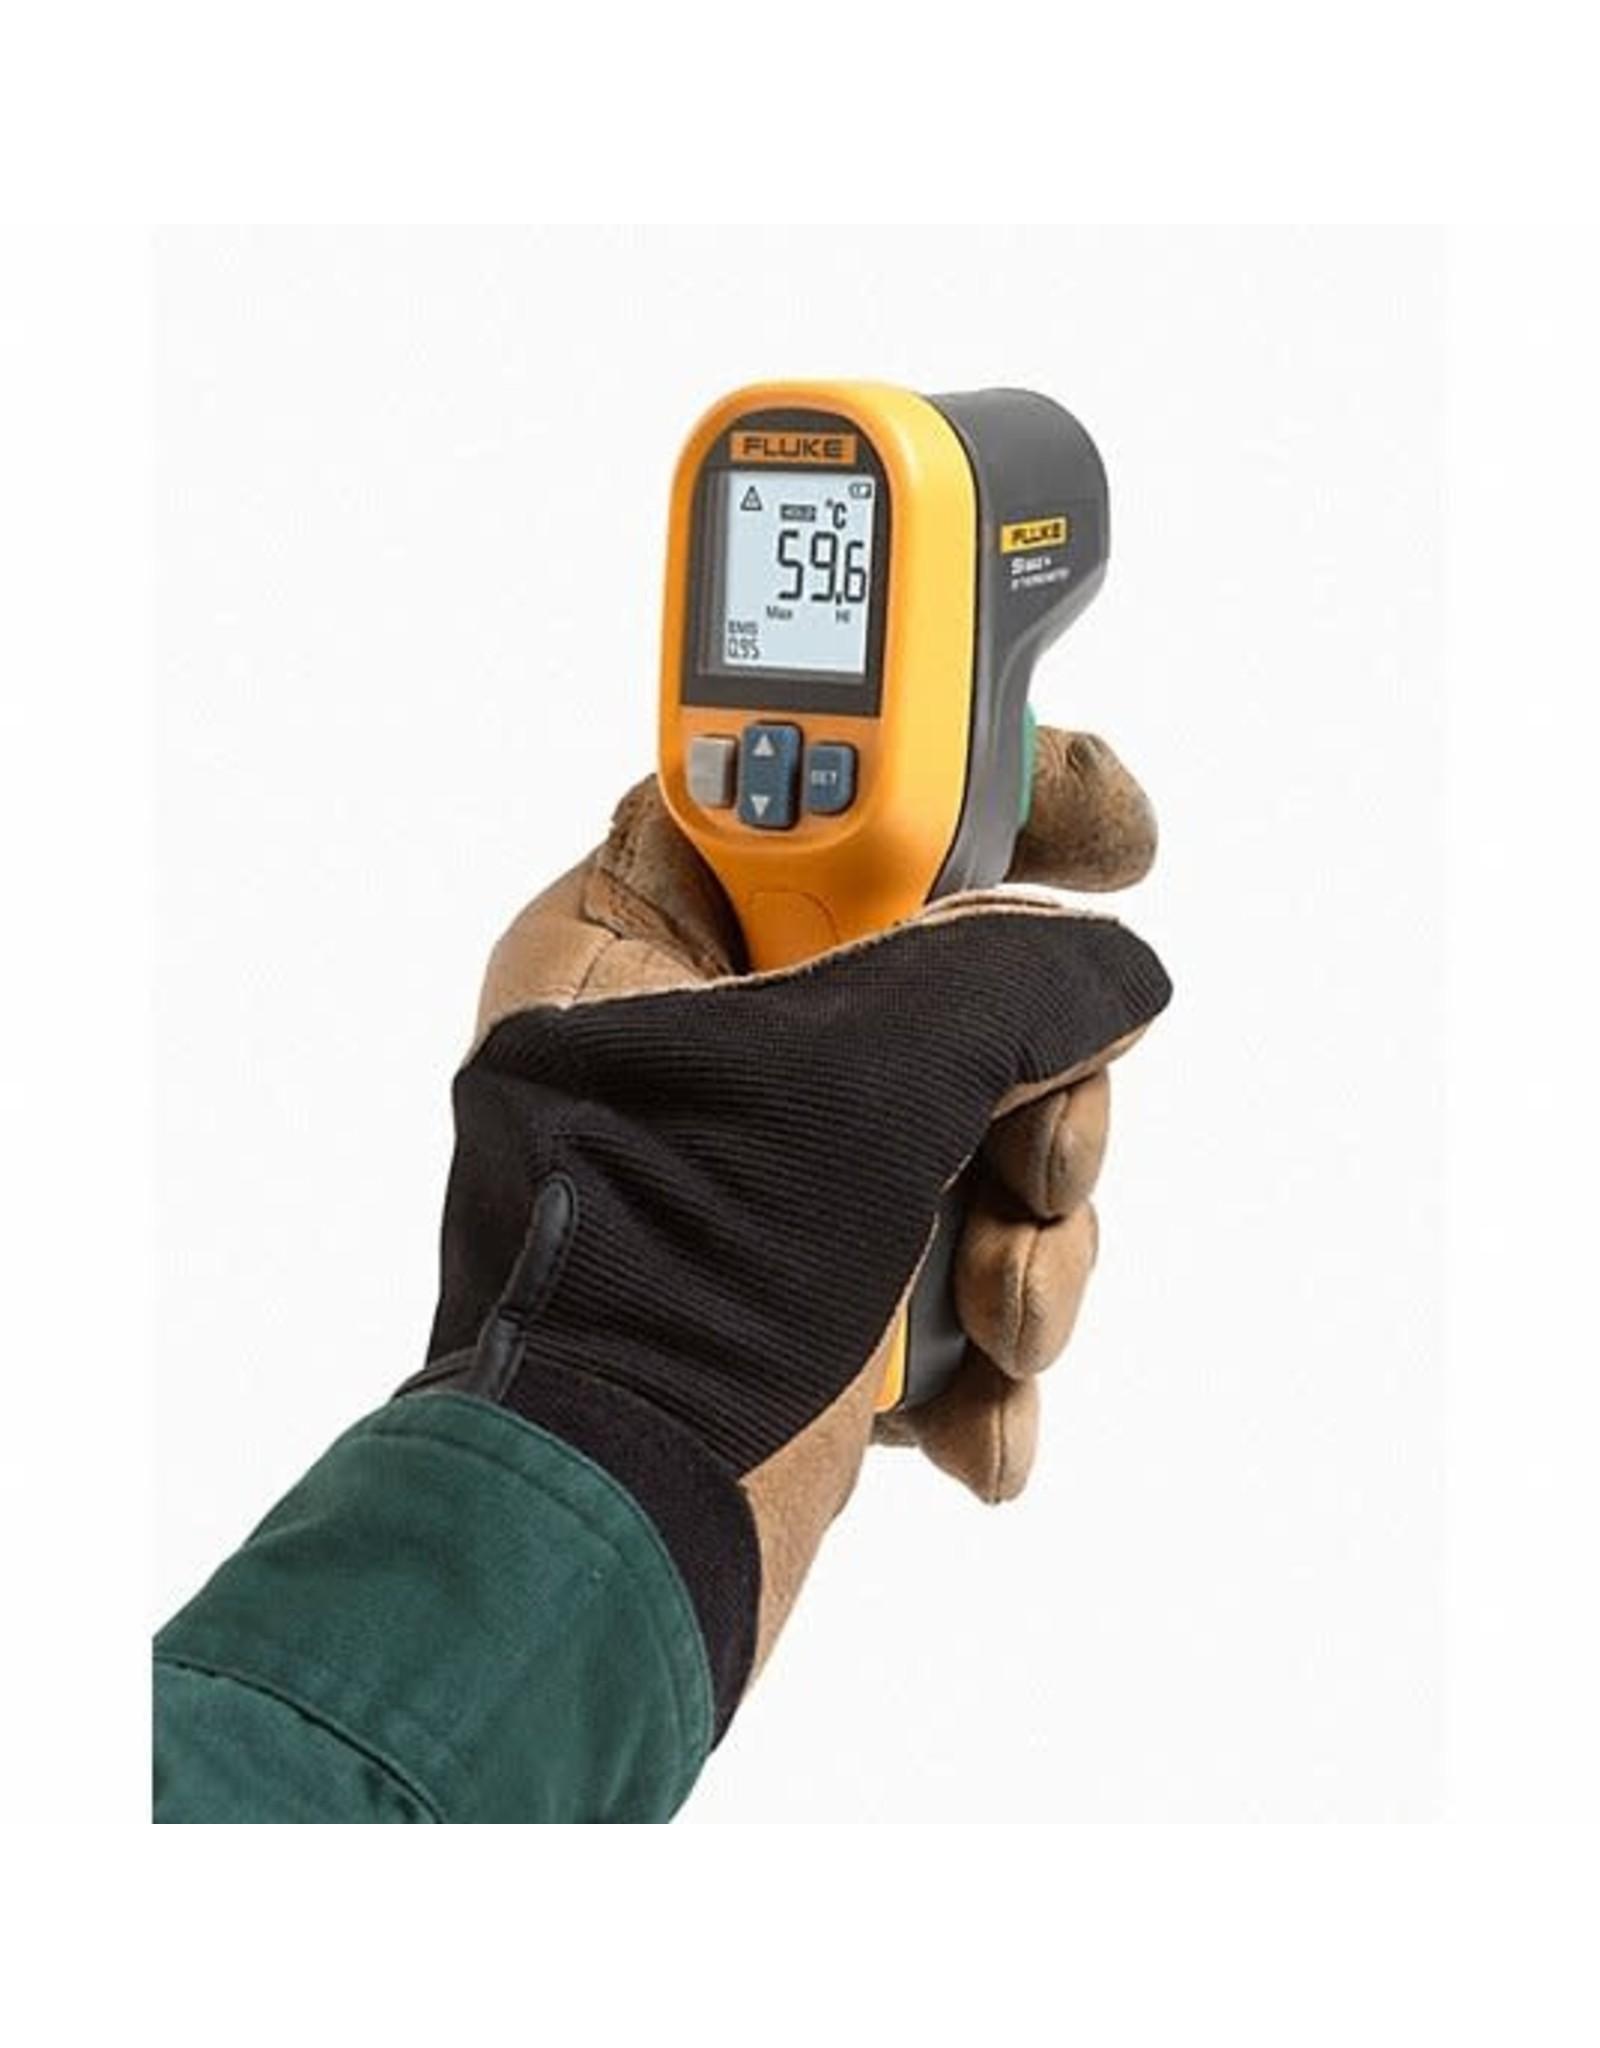 Fluke Backlit LCD, Infrared Thermometer, Single Dot Laser Sighting - Infrared